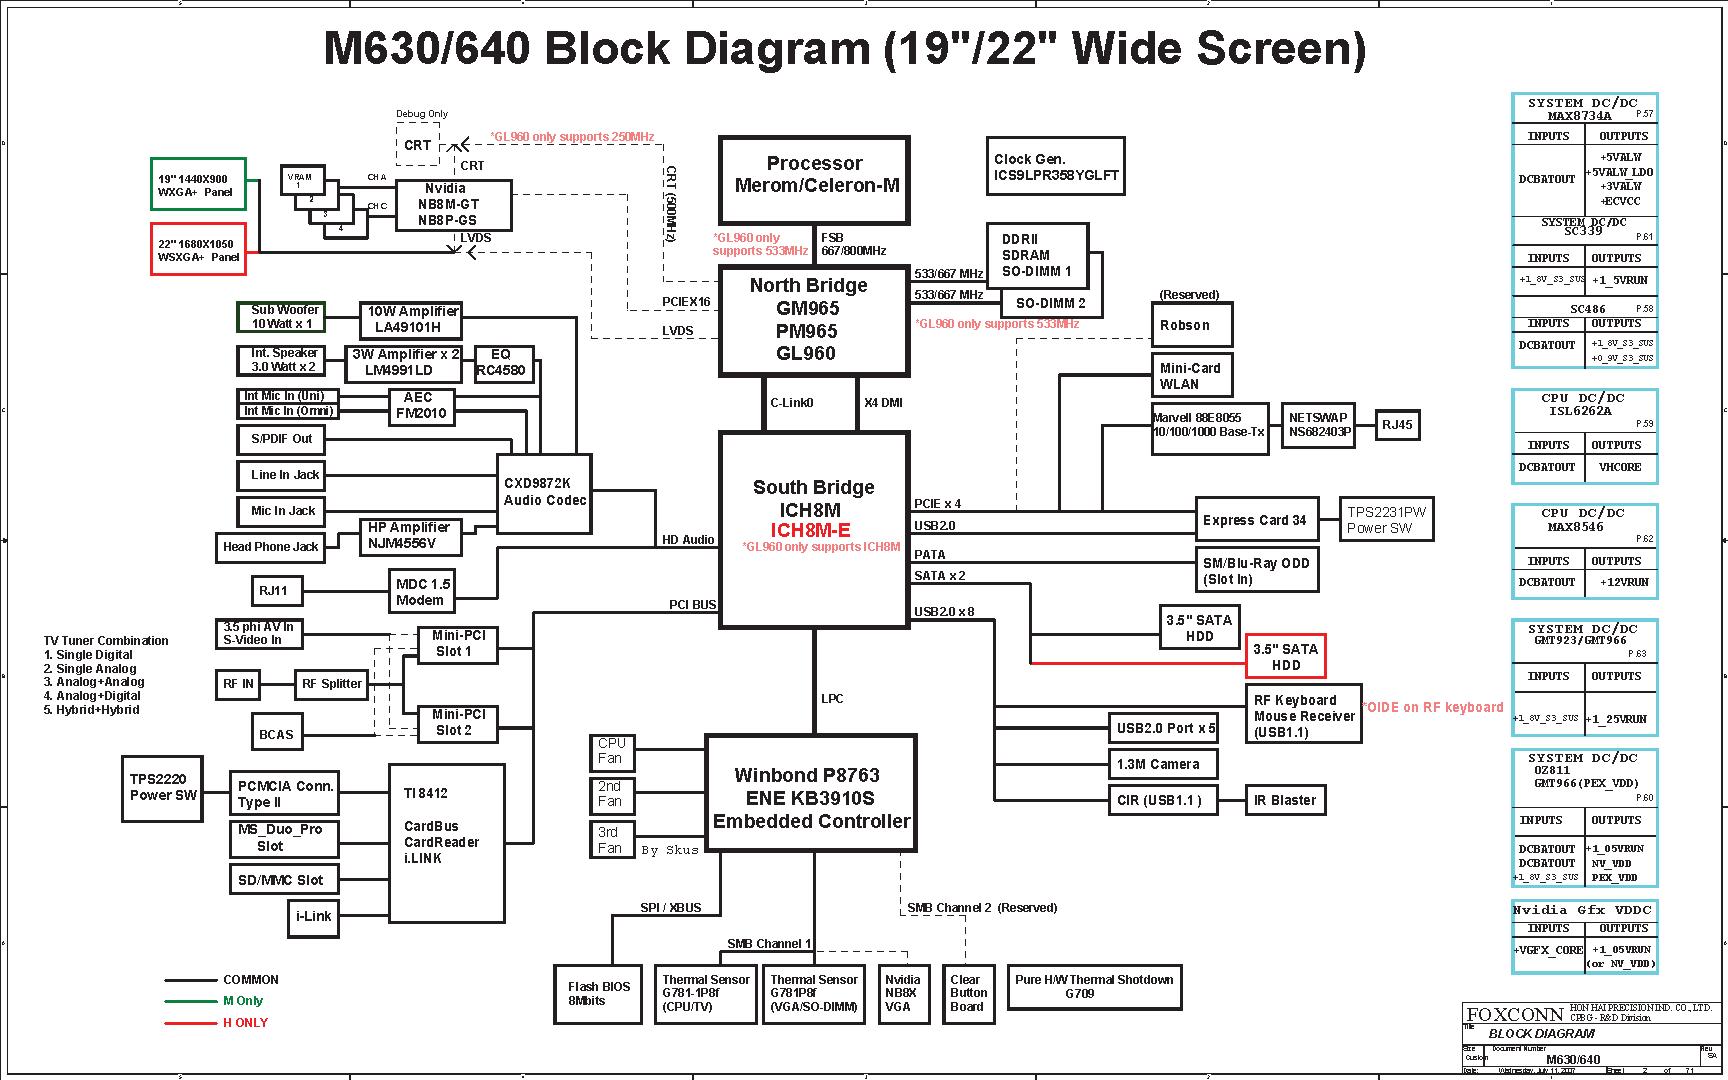 Download MSI M Audio Driver Vista for Windows Vista